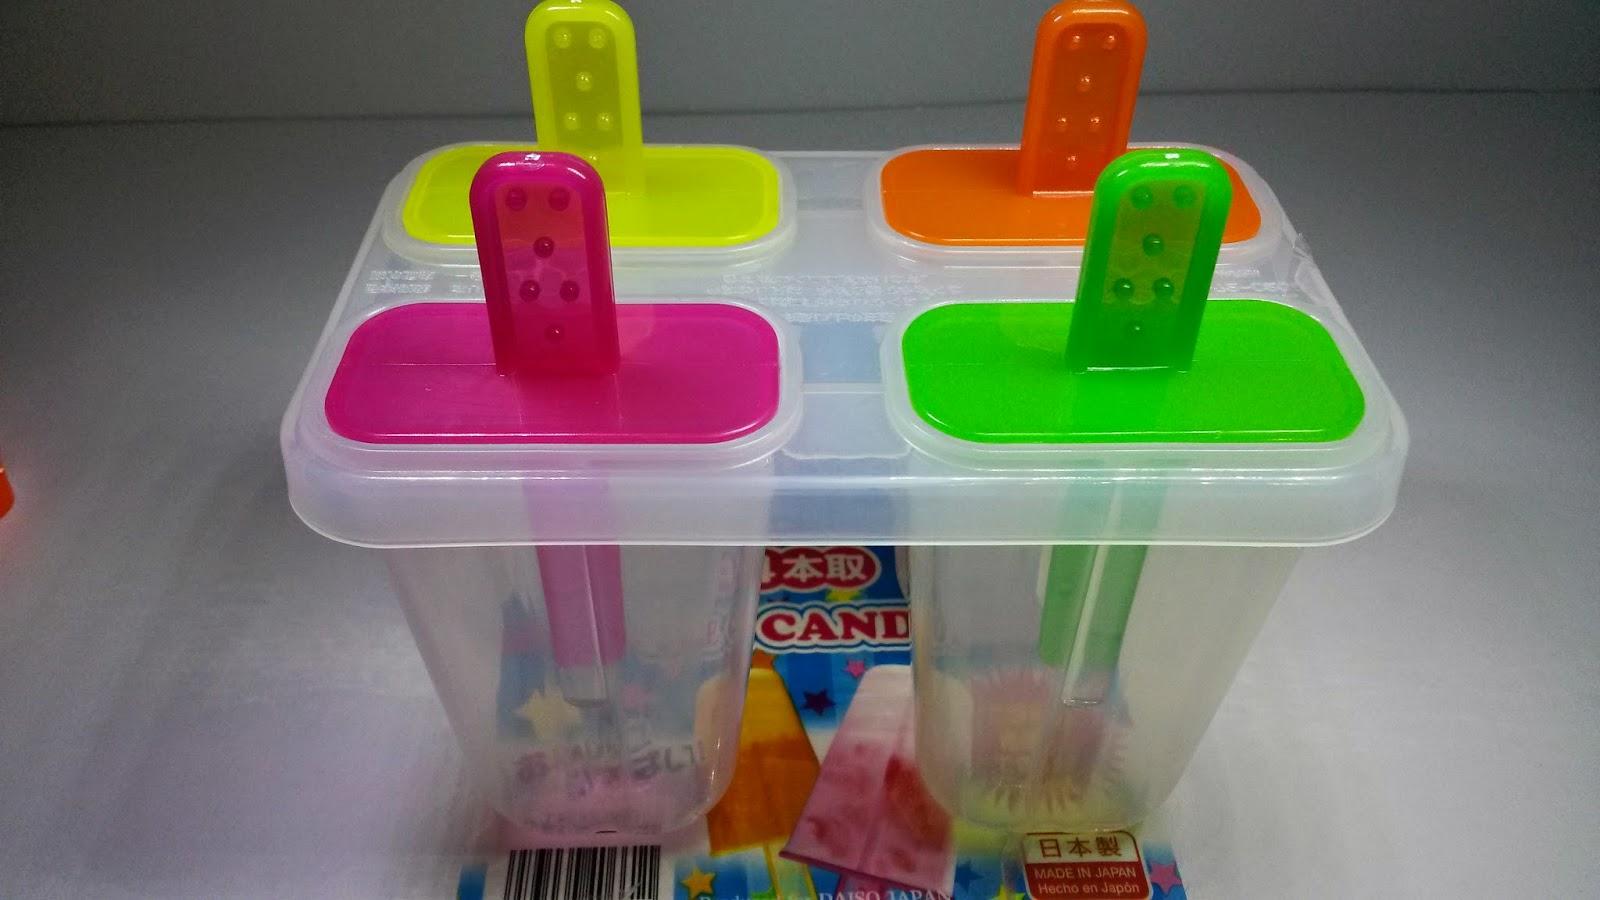 Diperbuat Dari Plastik Tahan Beku Dengan Ciri Ekononik Iaitu 4 Acuan Dalam Satu Bekas Ini Bermakna Anda Boleh Menghasilkan Ice Cream Sekaligus